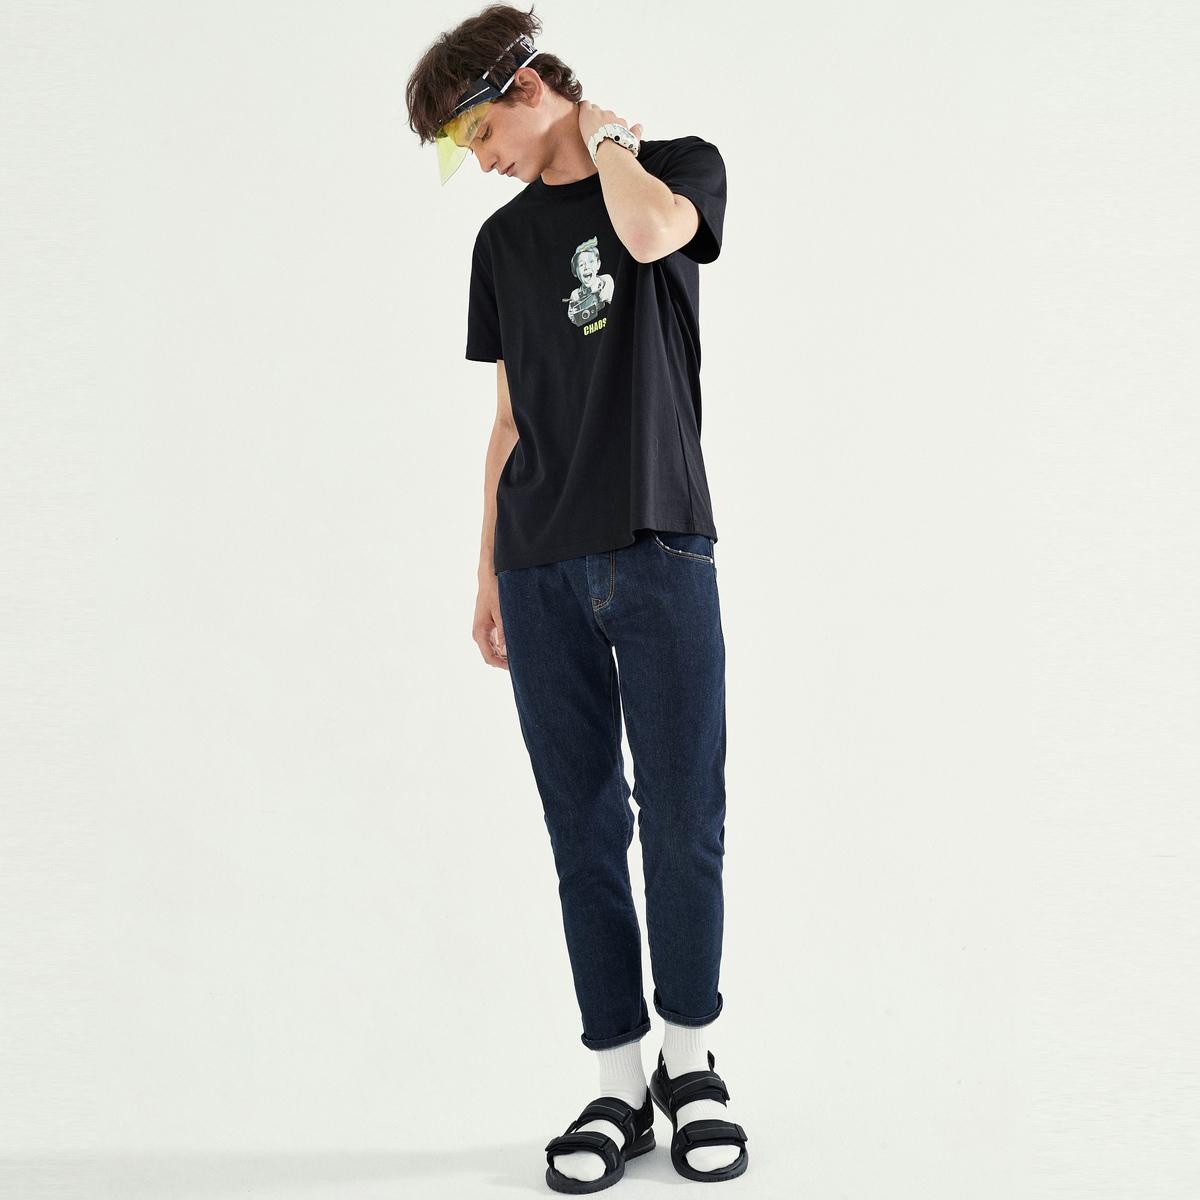 19新款、纯色丹宁:马克华菲 小脚牛仔裤